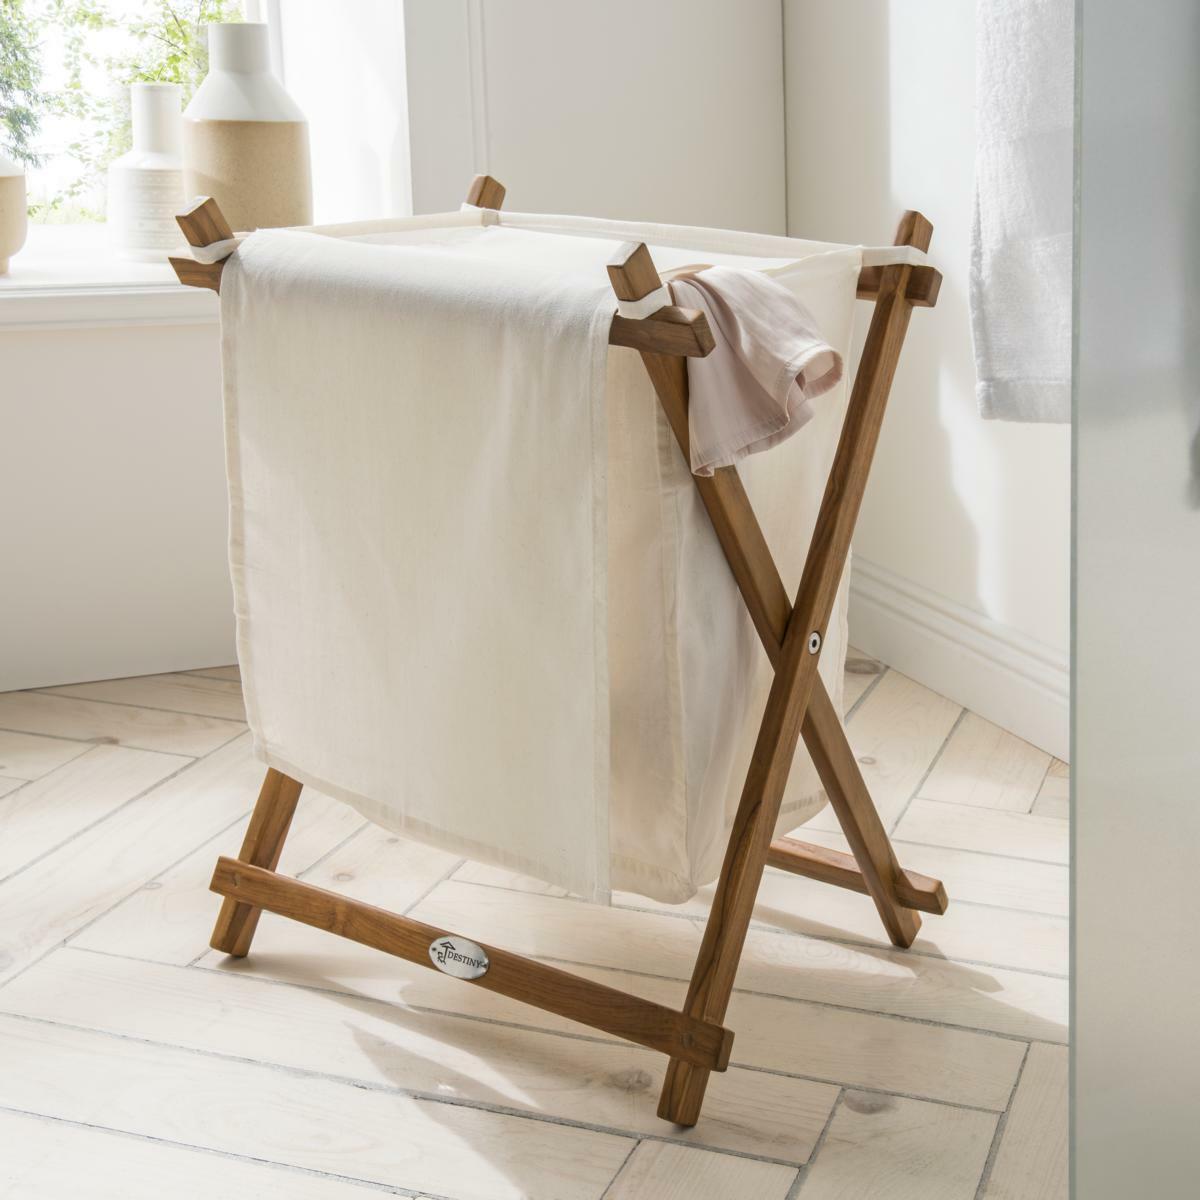 DESTINY Wäschebox mit Gestell Badezimmer Wäschetruhe Stoffbeutel Teakholz Design